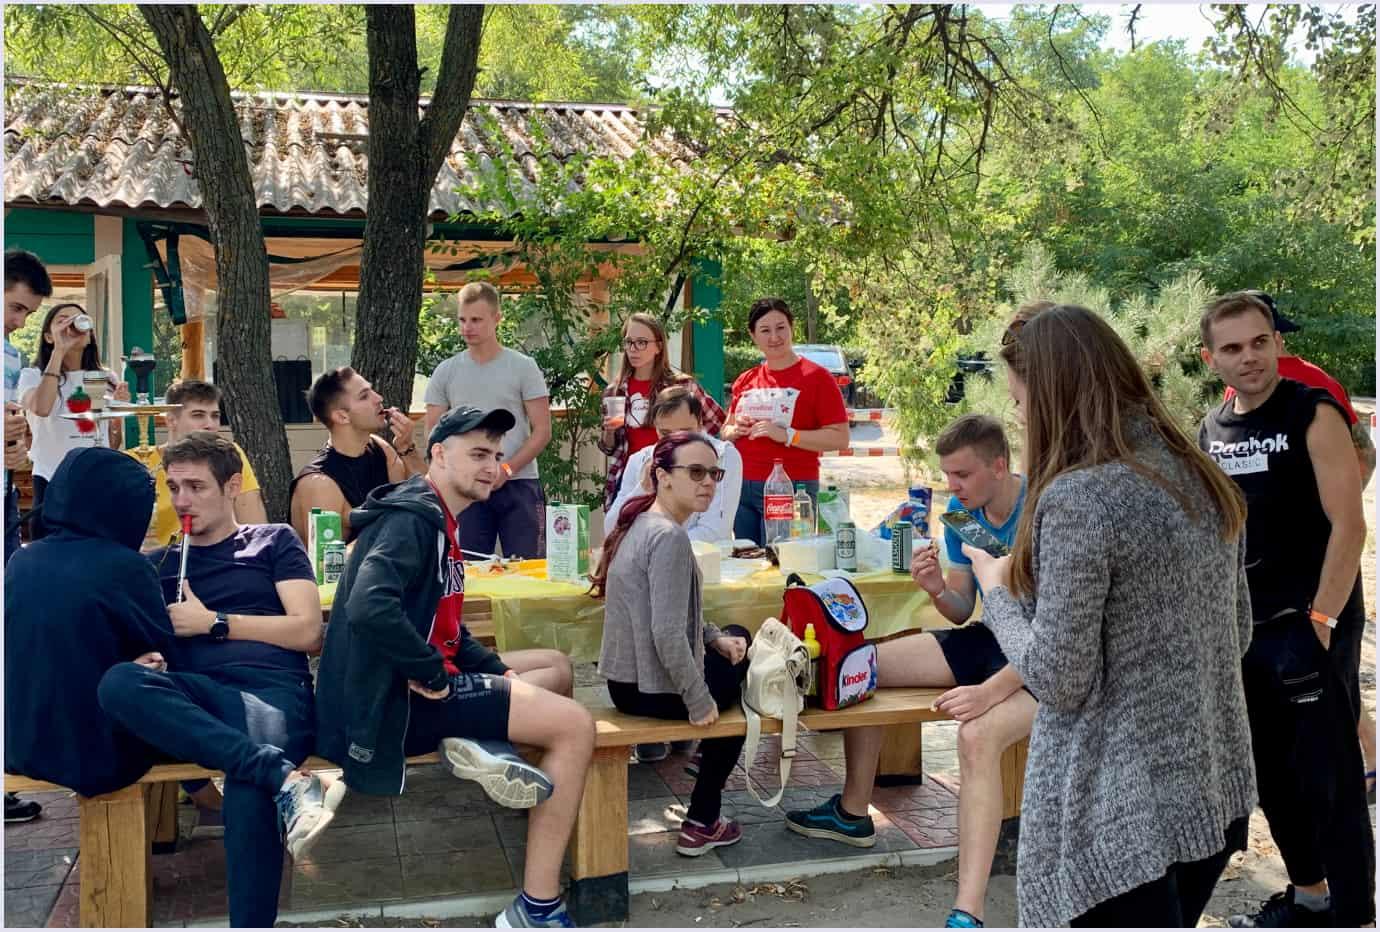 Codica software development team at the picnic